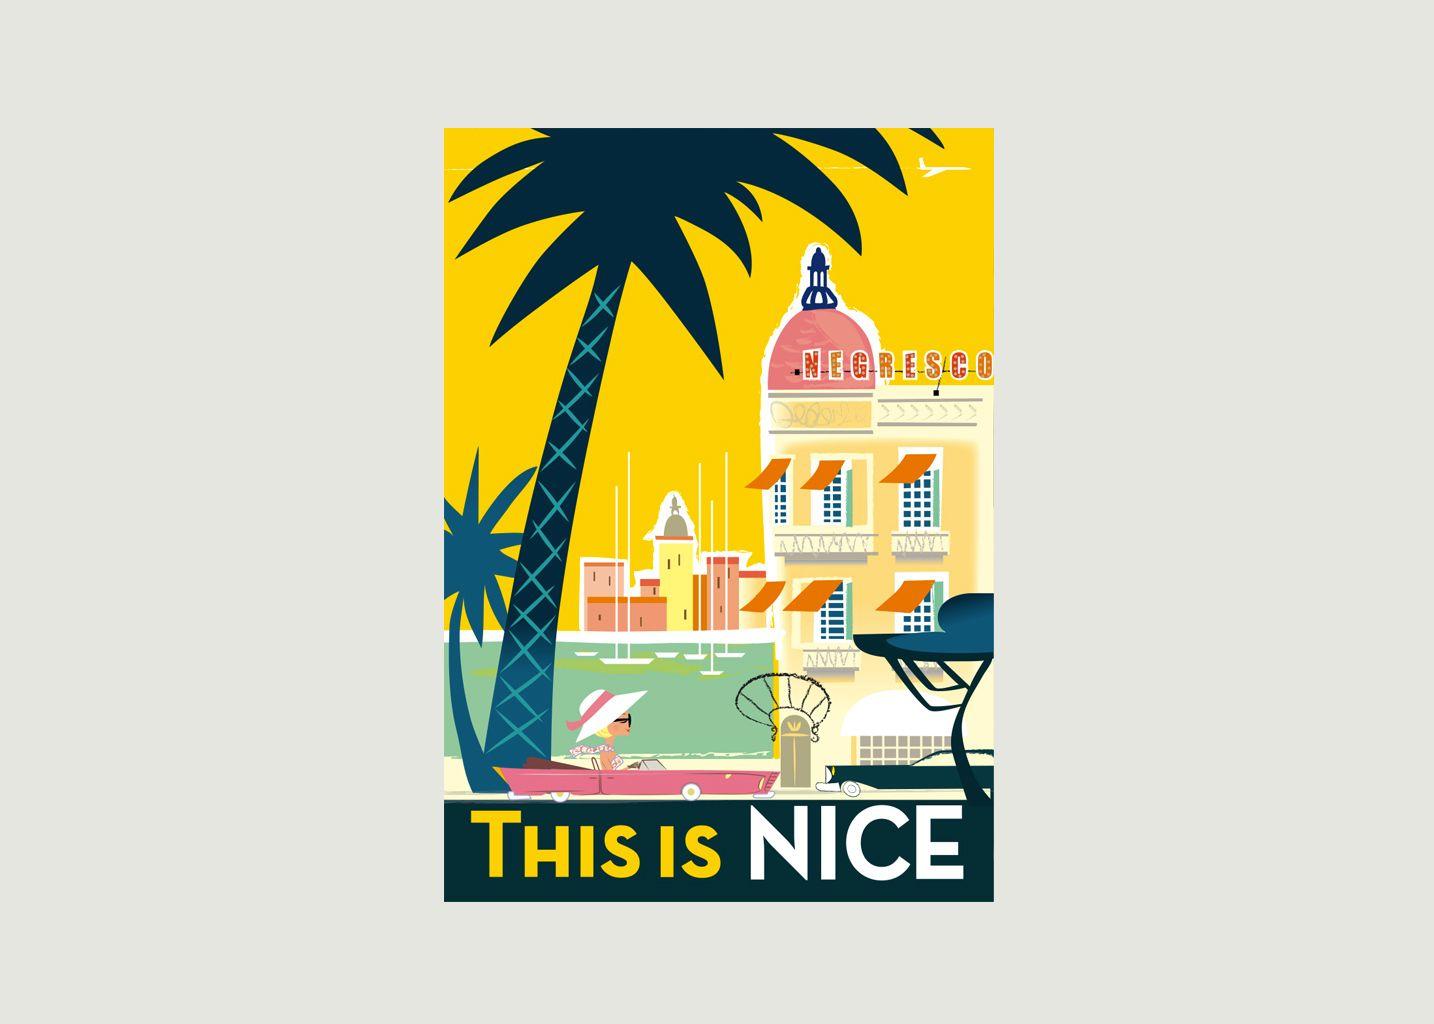 Affiche Monsieur Z Nice - Image Republic